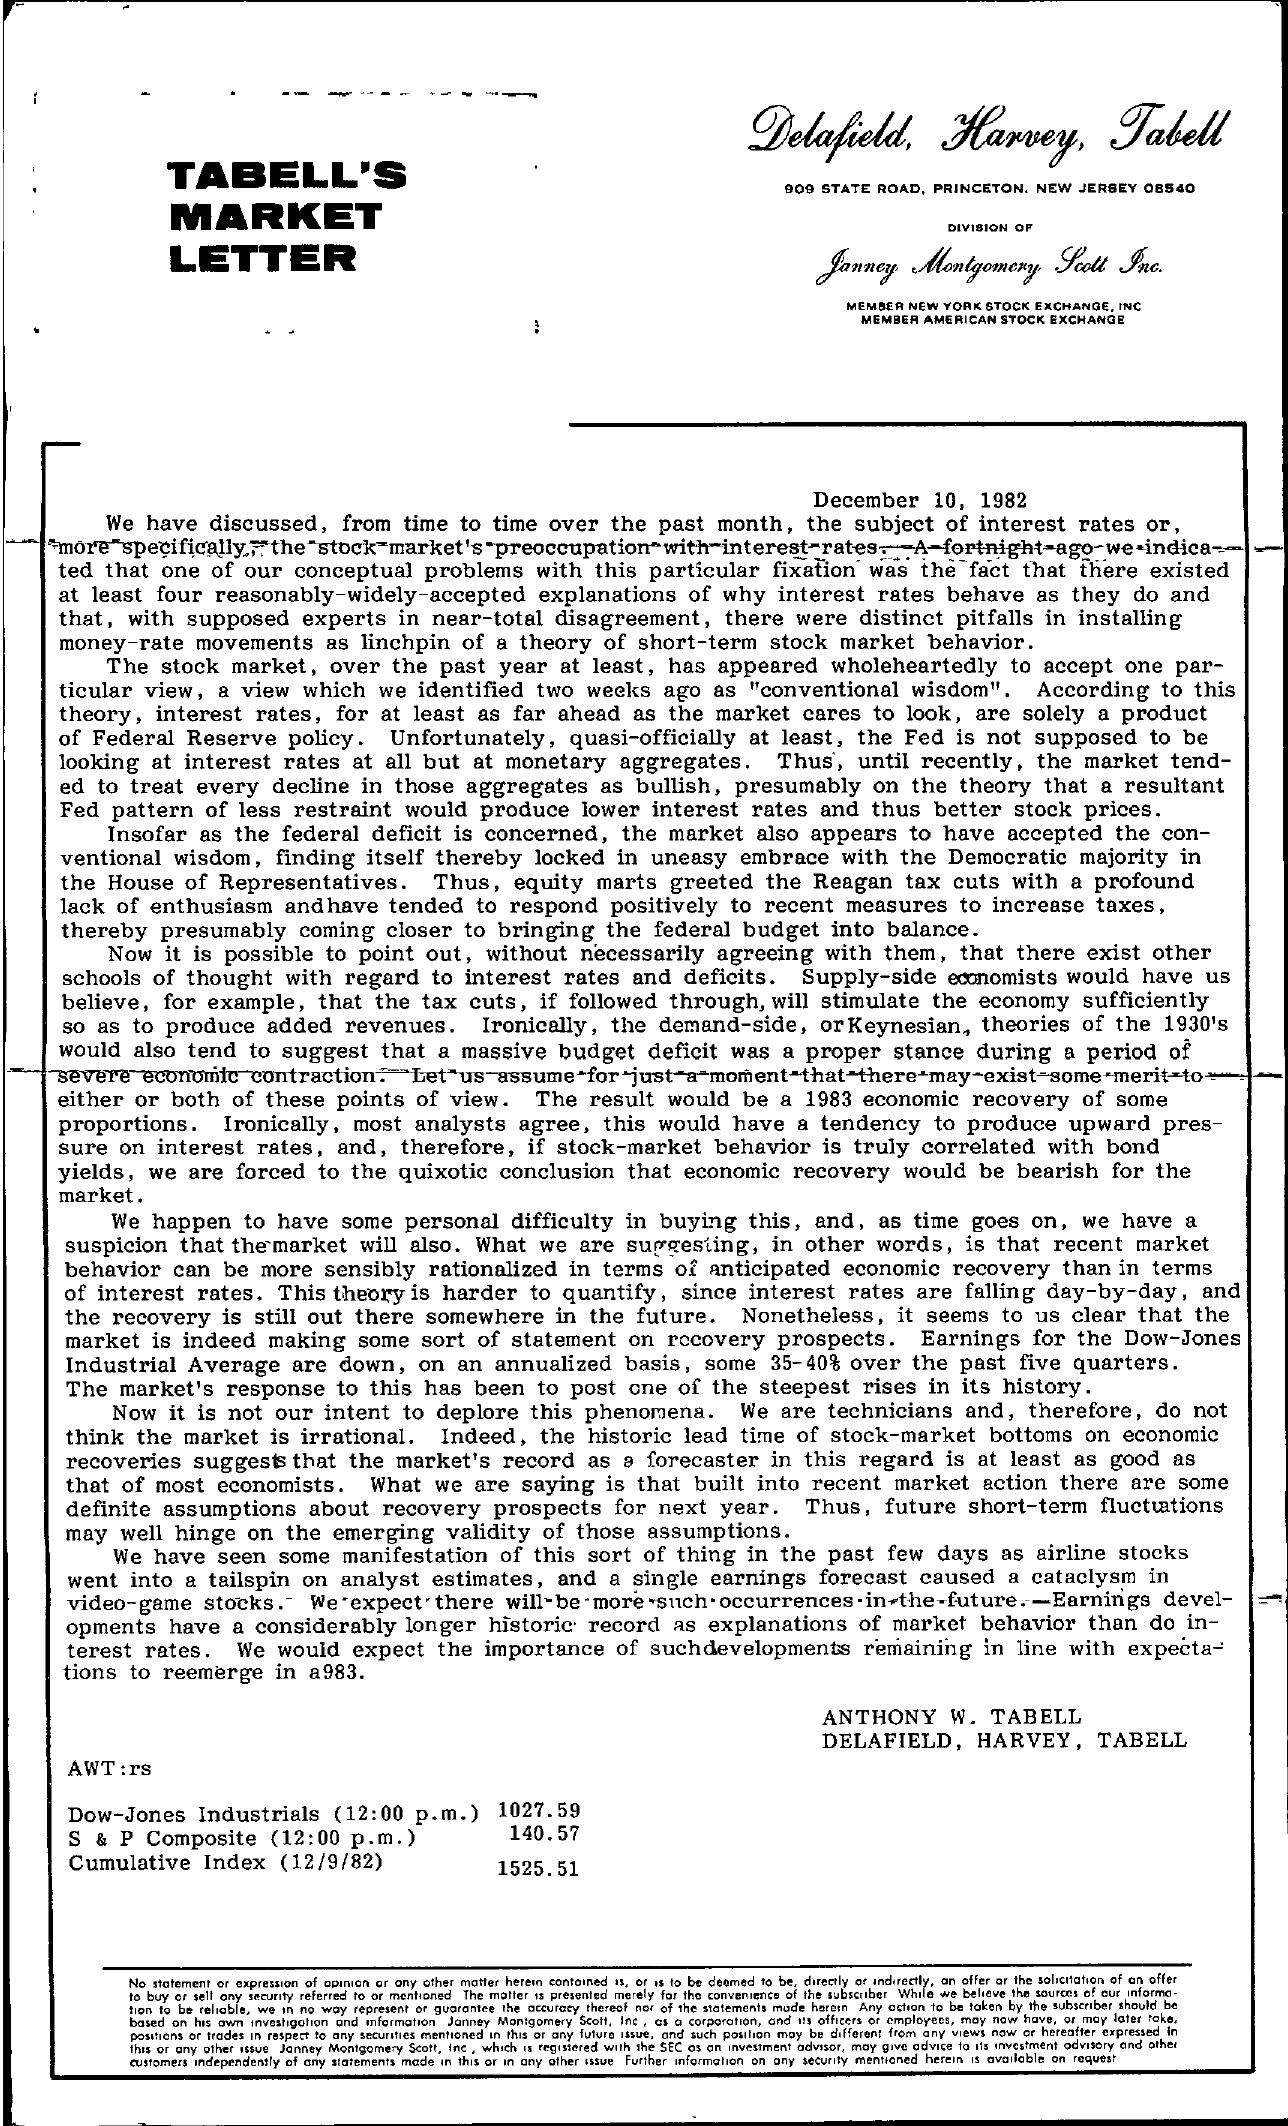 Tabell's Market Letter - December 10, 1982